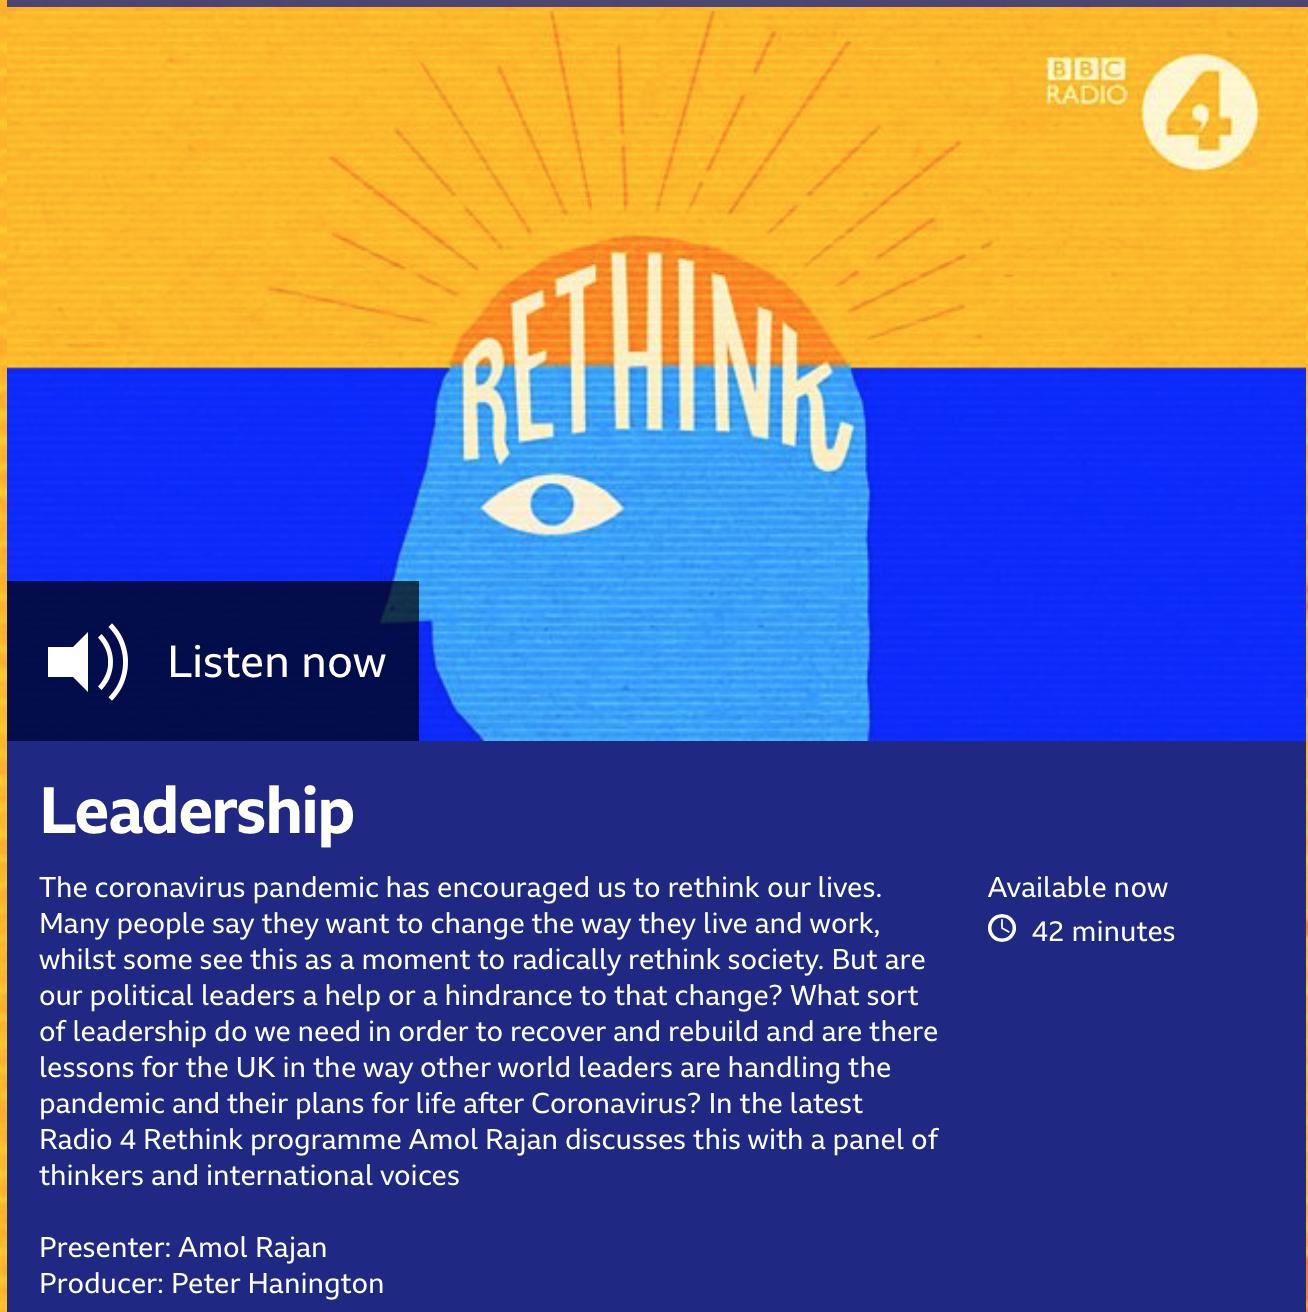 Do outsiders make good leaders?